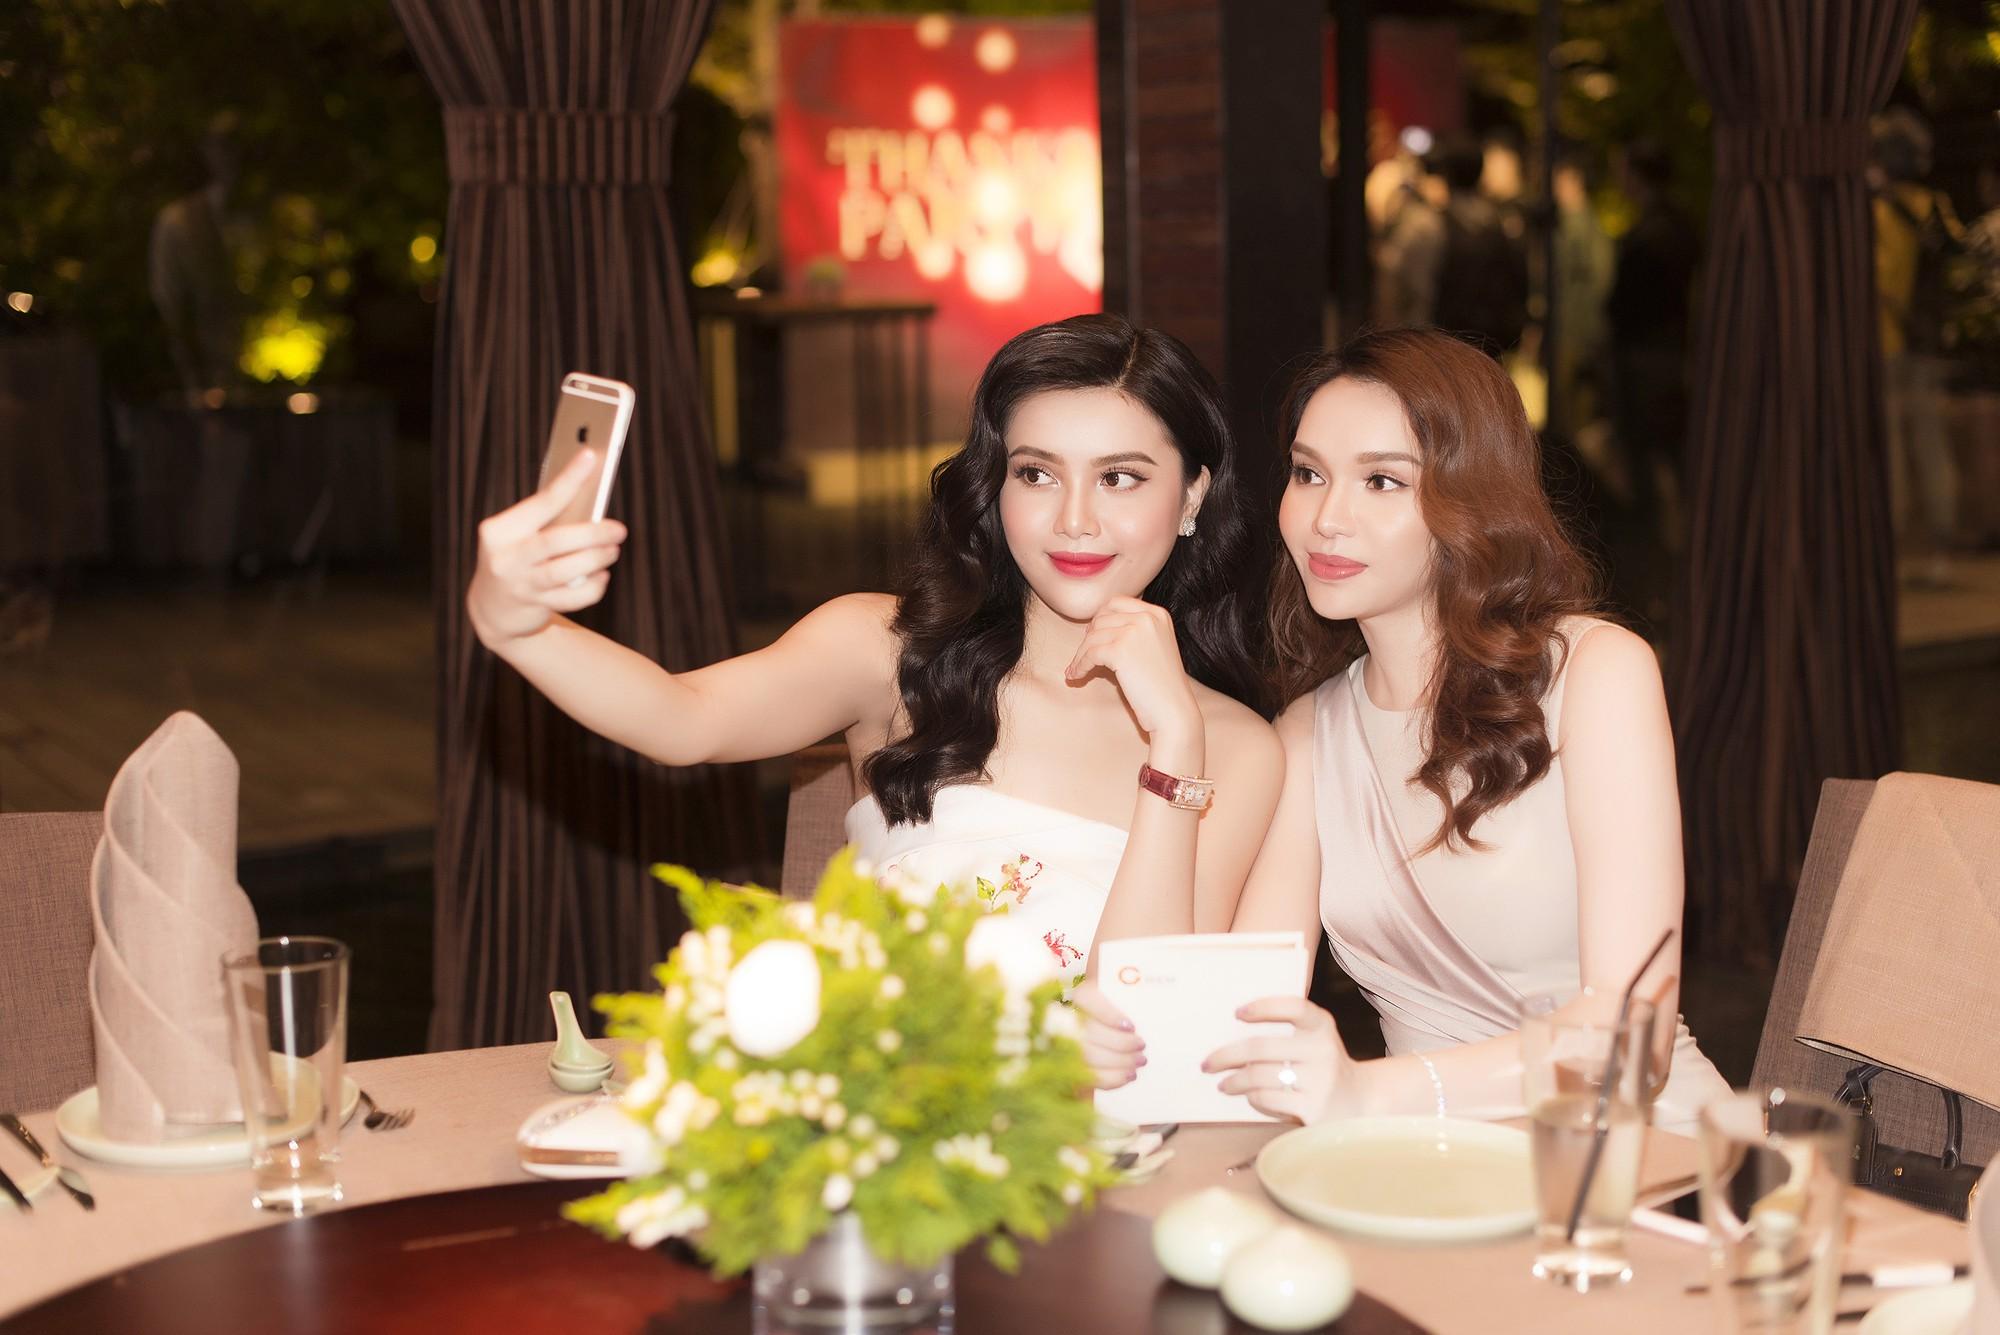 Cặp chị em Hoa hậu Diệu Hân - Á hậu Diệu Thùy rạng rỡ khoe sắc tại sự kiện - Ảnh 7.